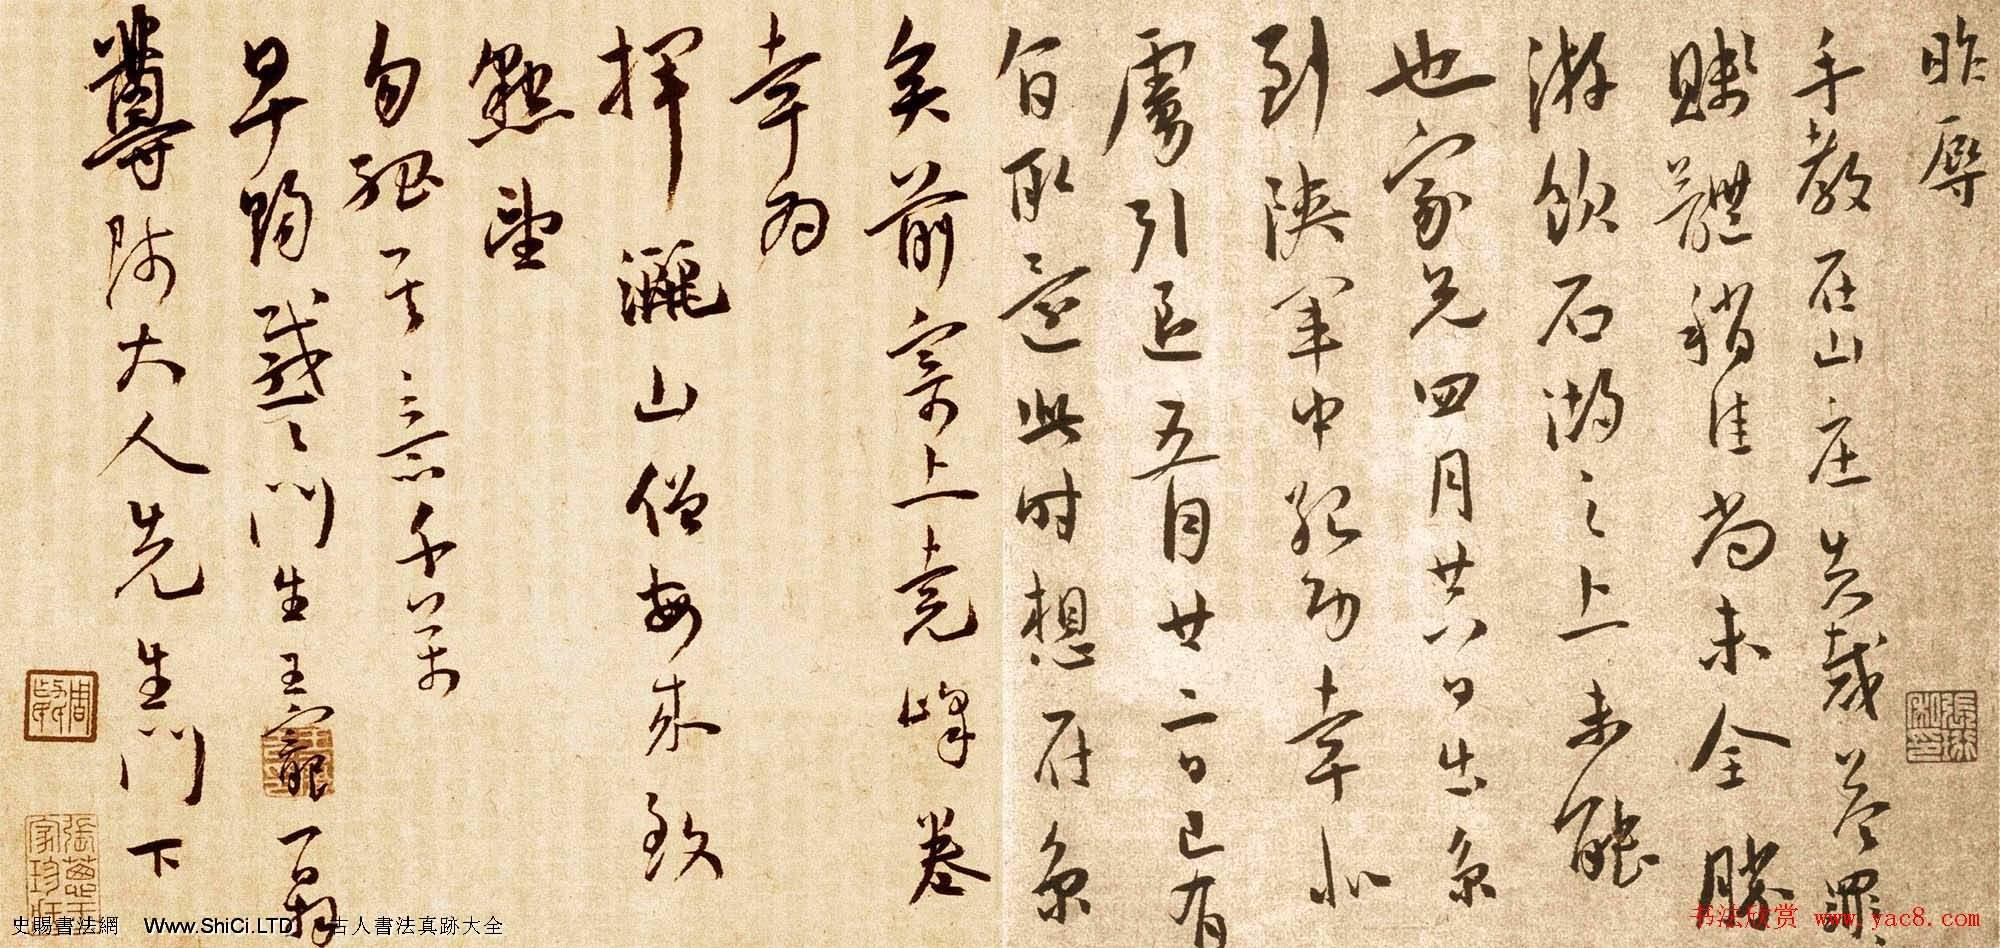 王寵書法草書作品真跡欣賞《昨辱帖》(共4張圖片)